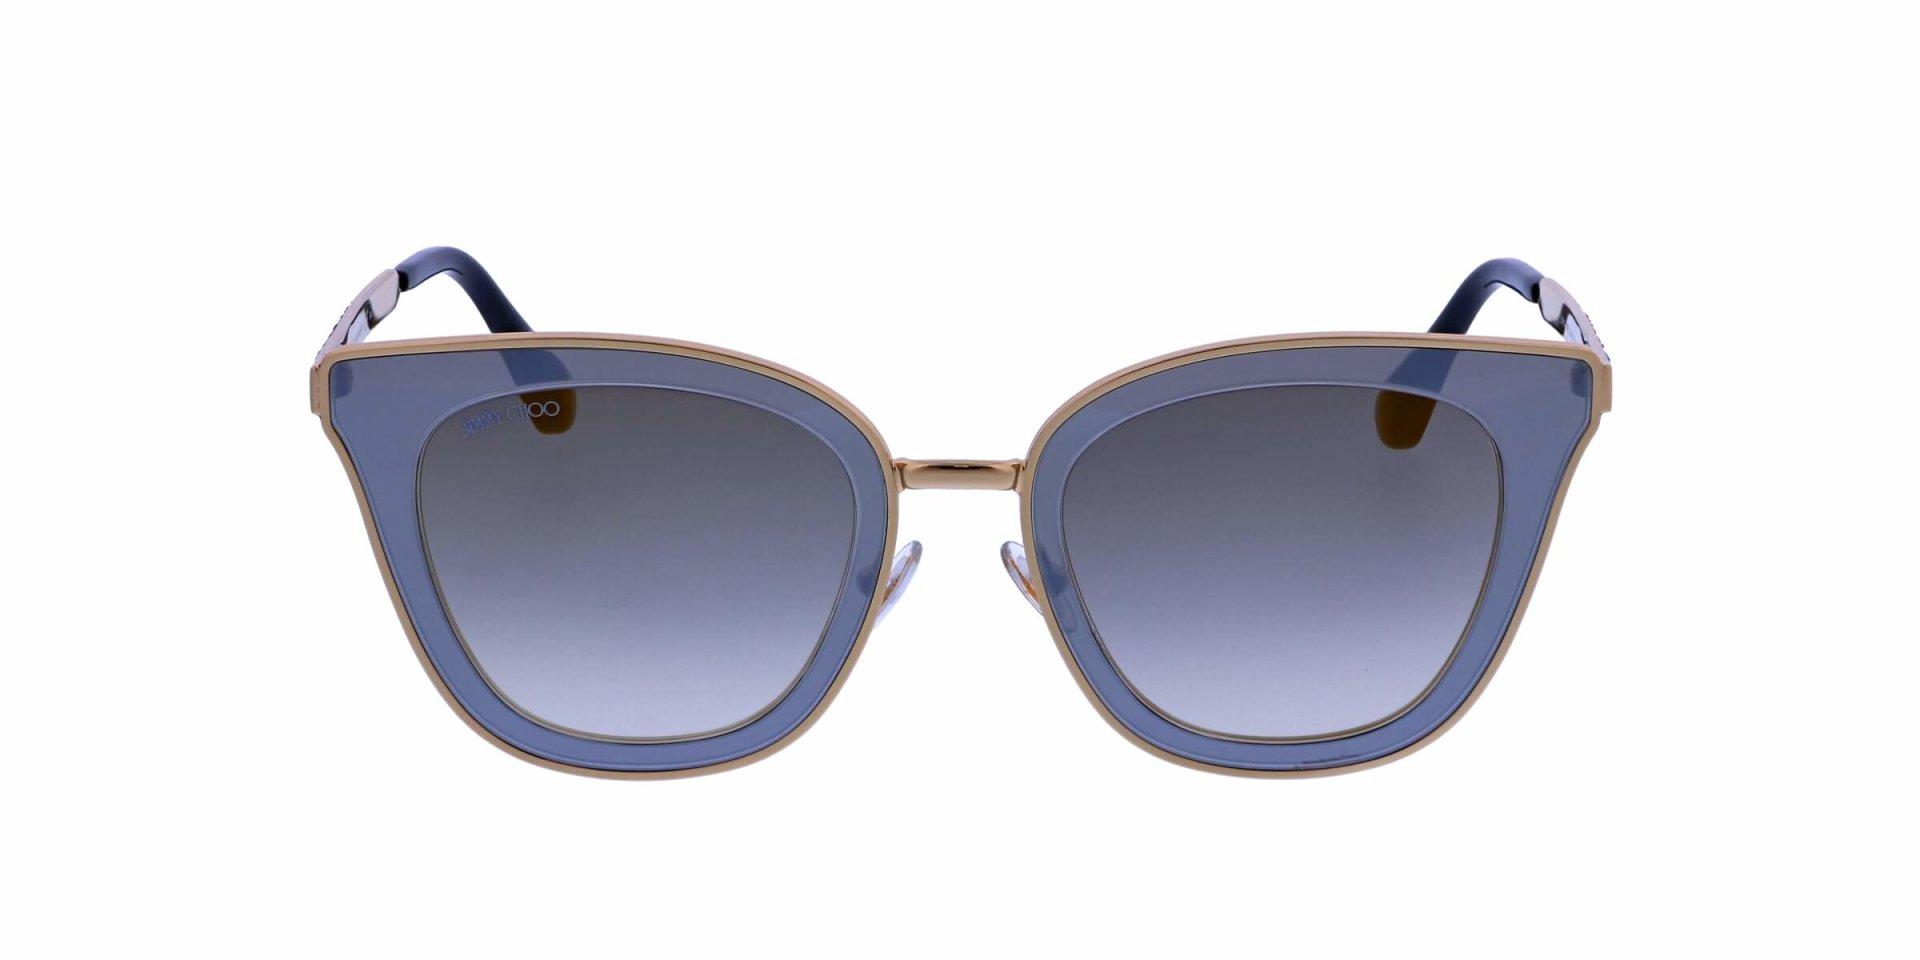 a2e61dc6b49d Sunglasses JIMMY CHOO